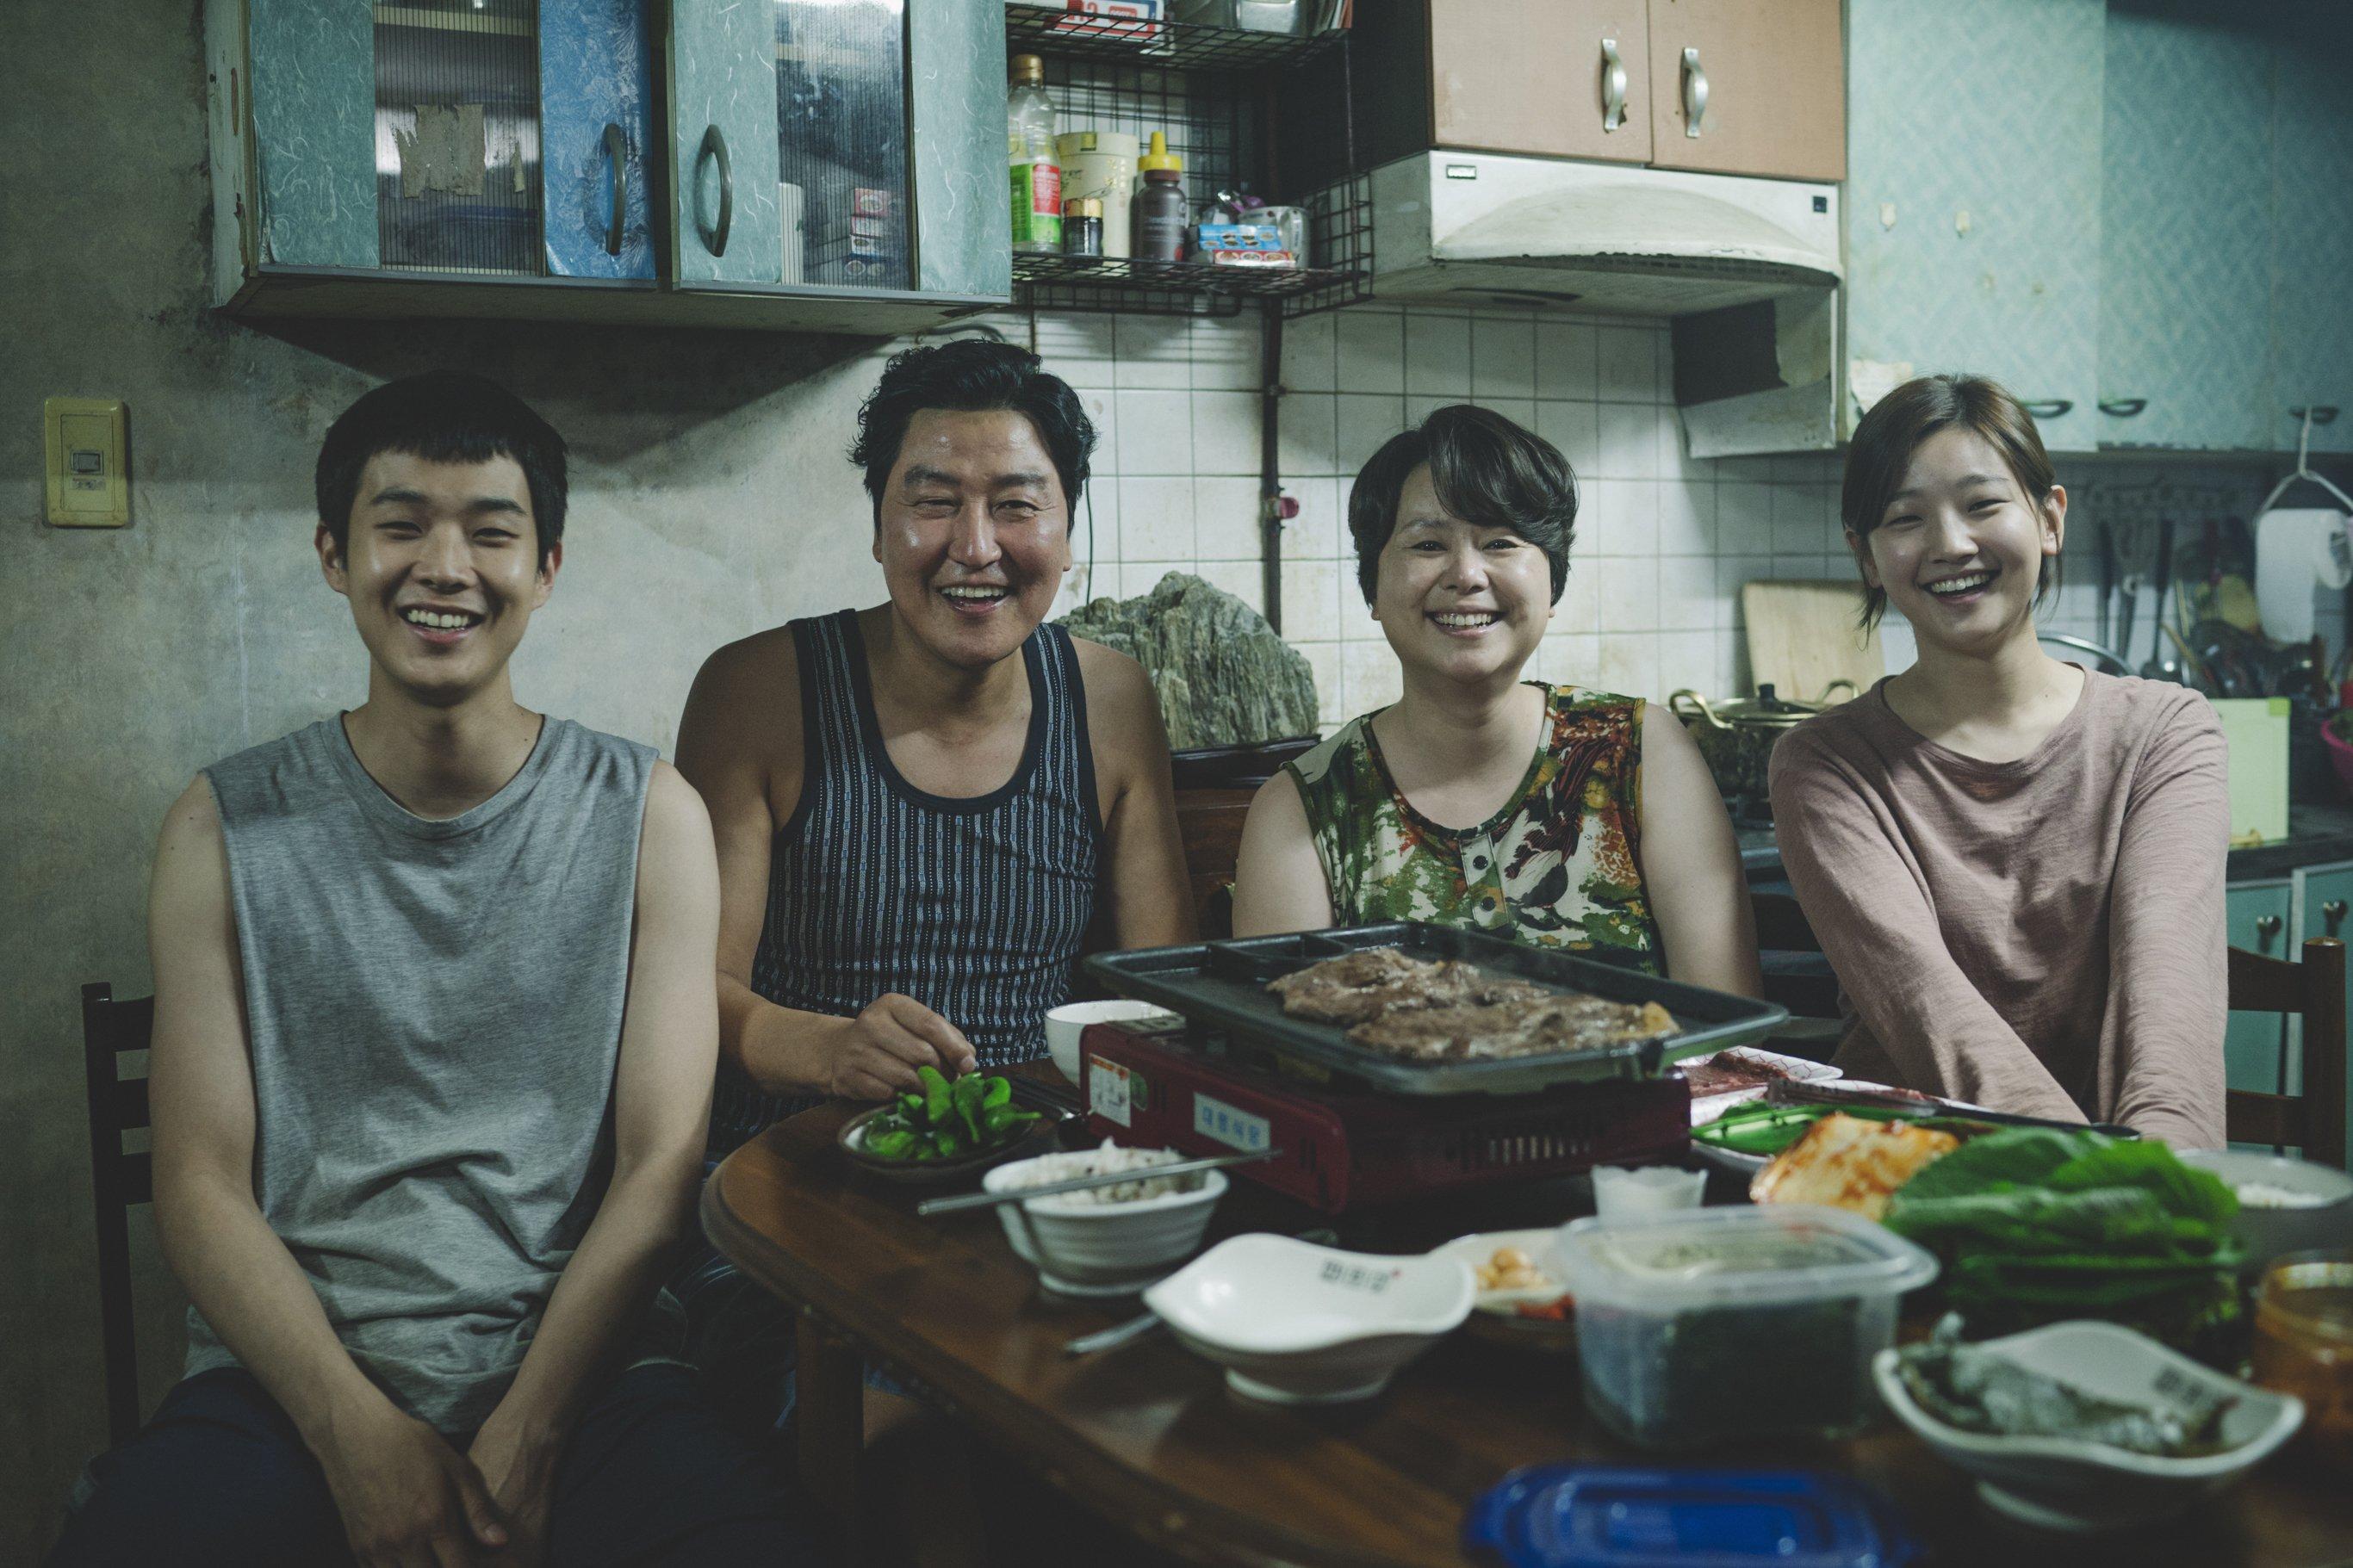 Kang-ho Song, Jang Hye-jin, Woo-sik Choi, and So-dam Park in Gisaengchung (2019)